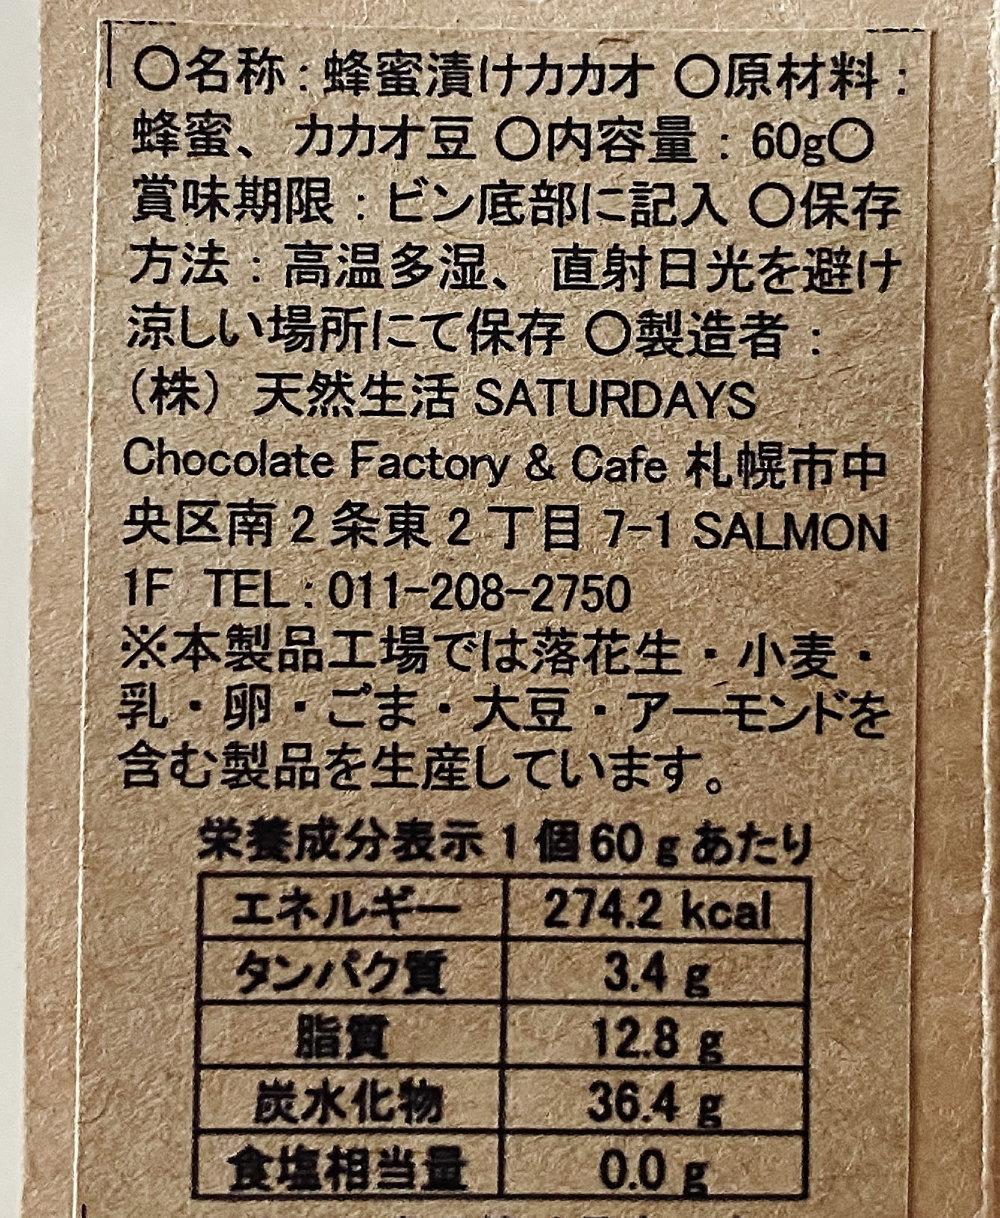 サタデイズチョコレート 原材料